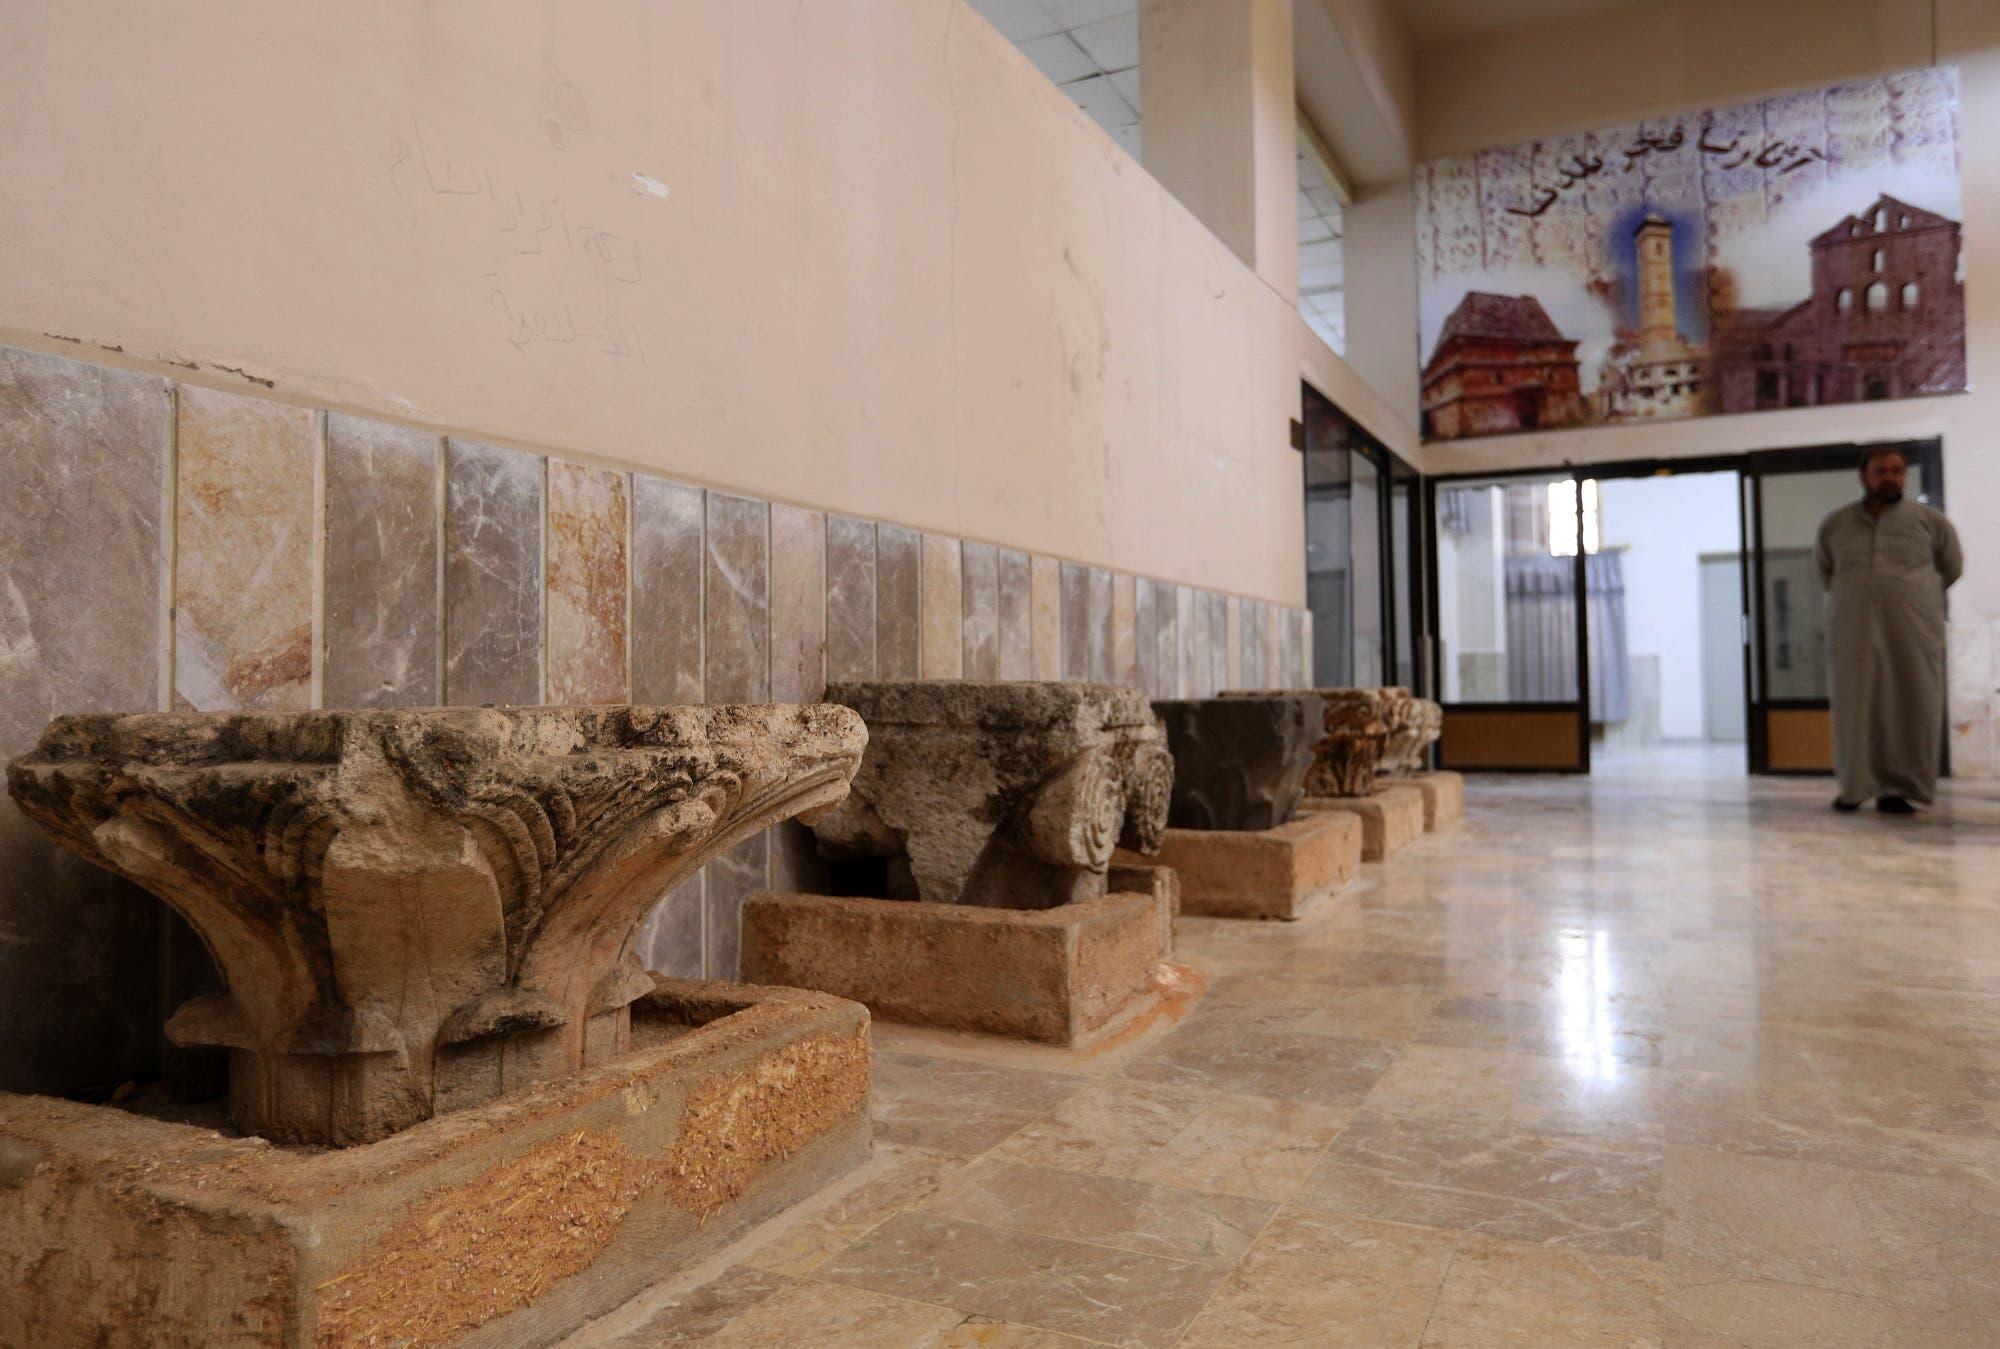 Syria idlib museum. (AFP)